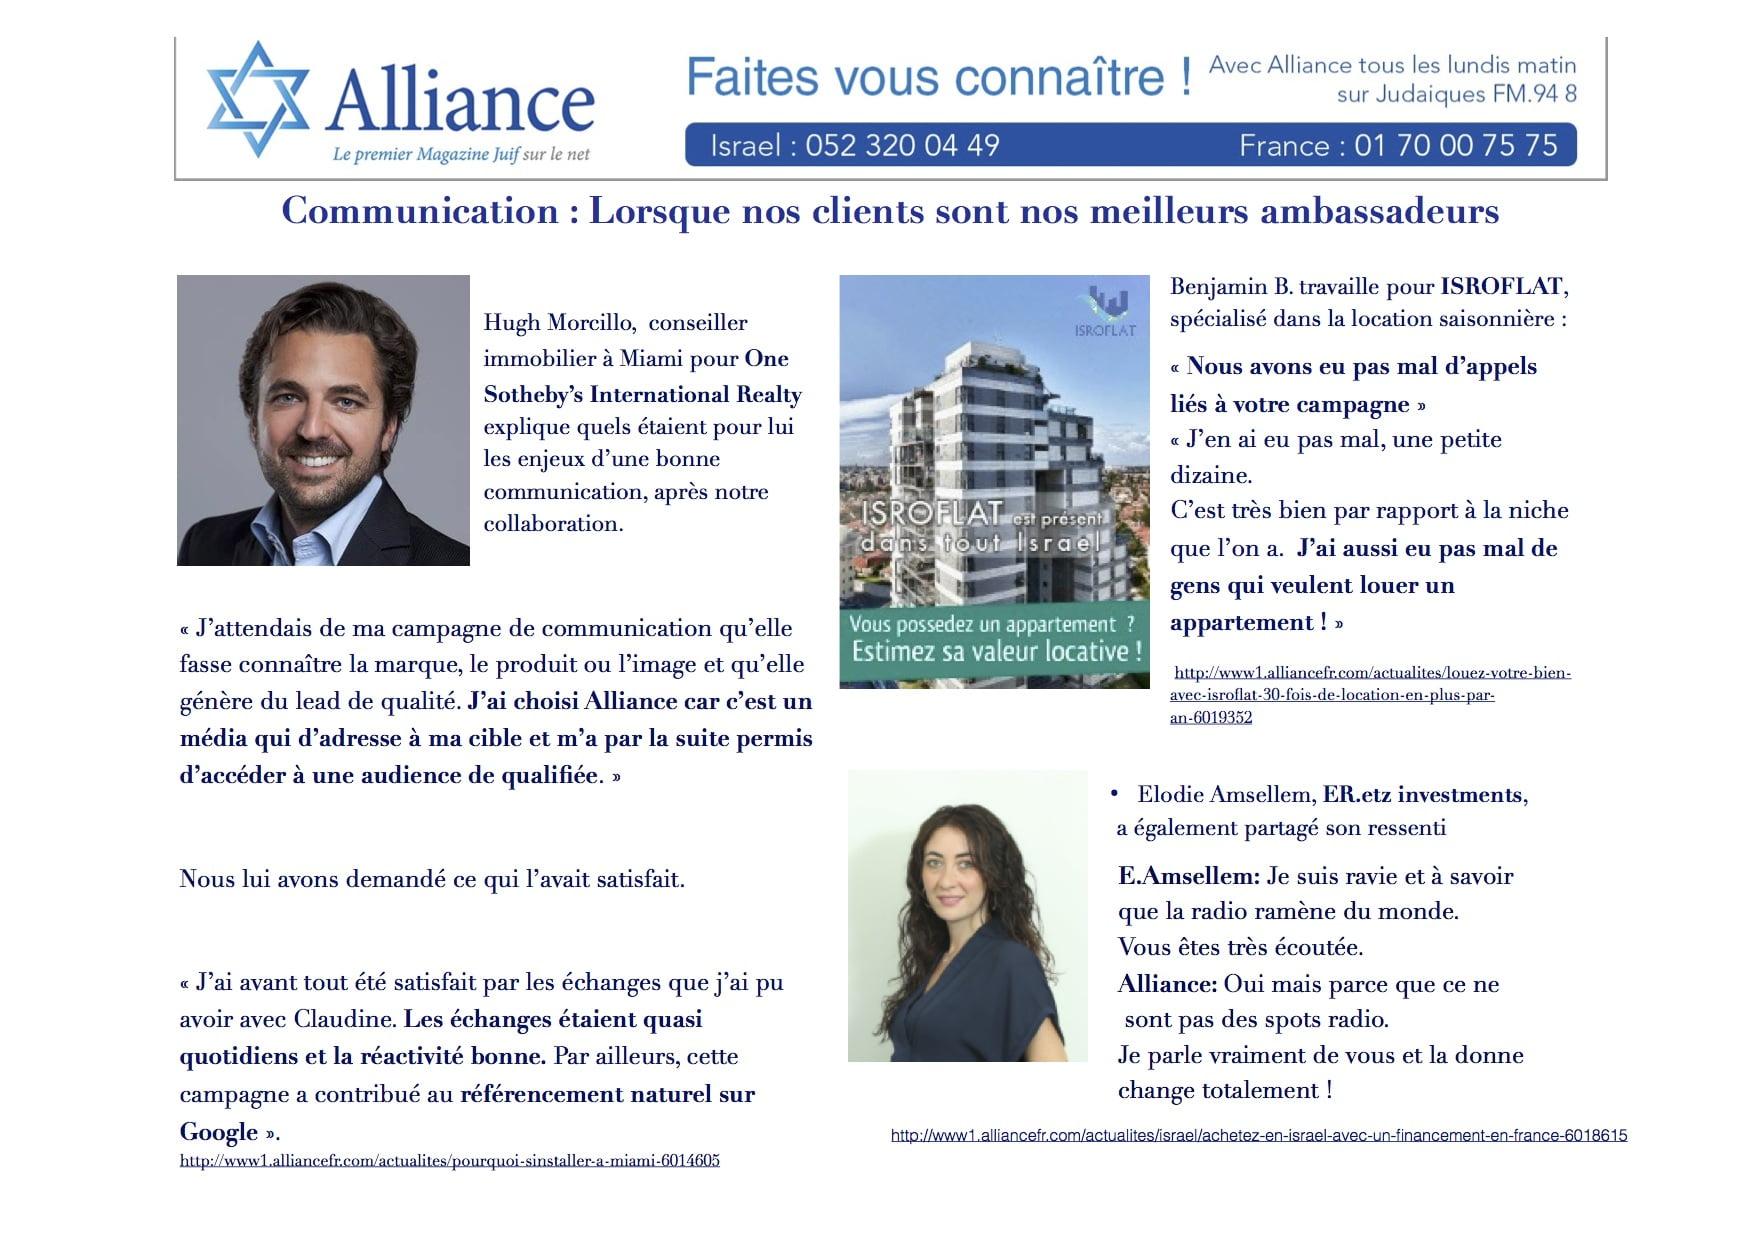 La communication avec alliance, nos clients sont nos ambassadeurs